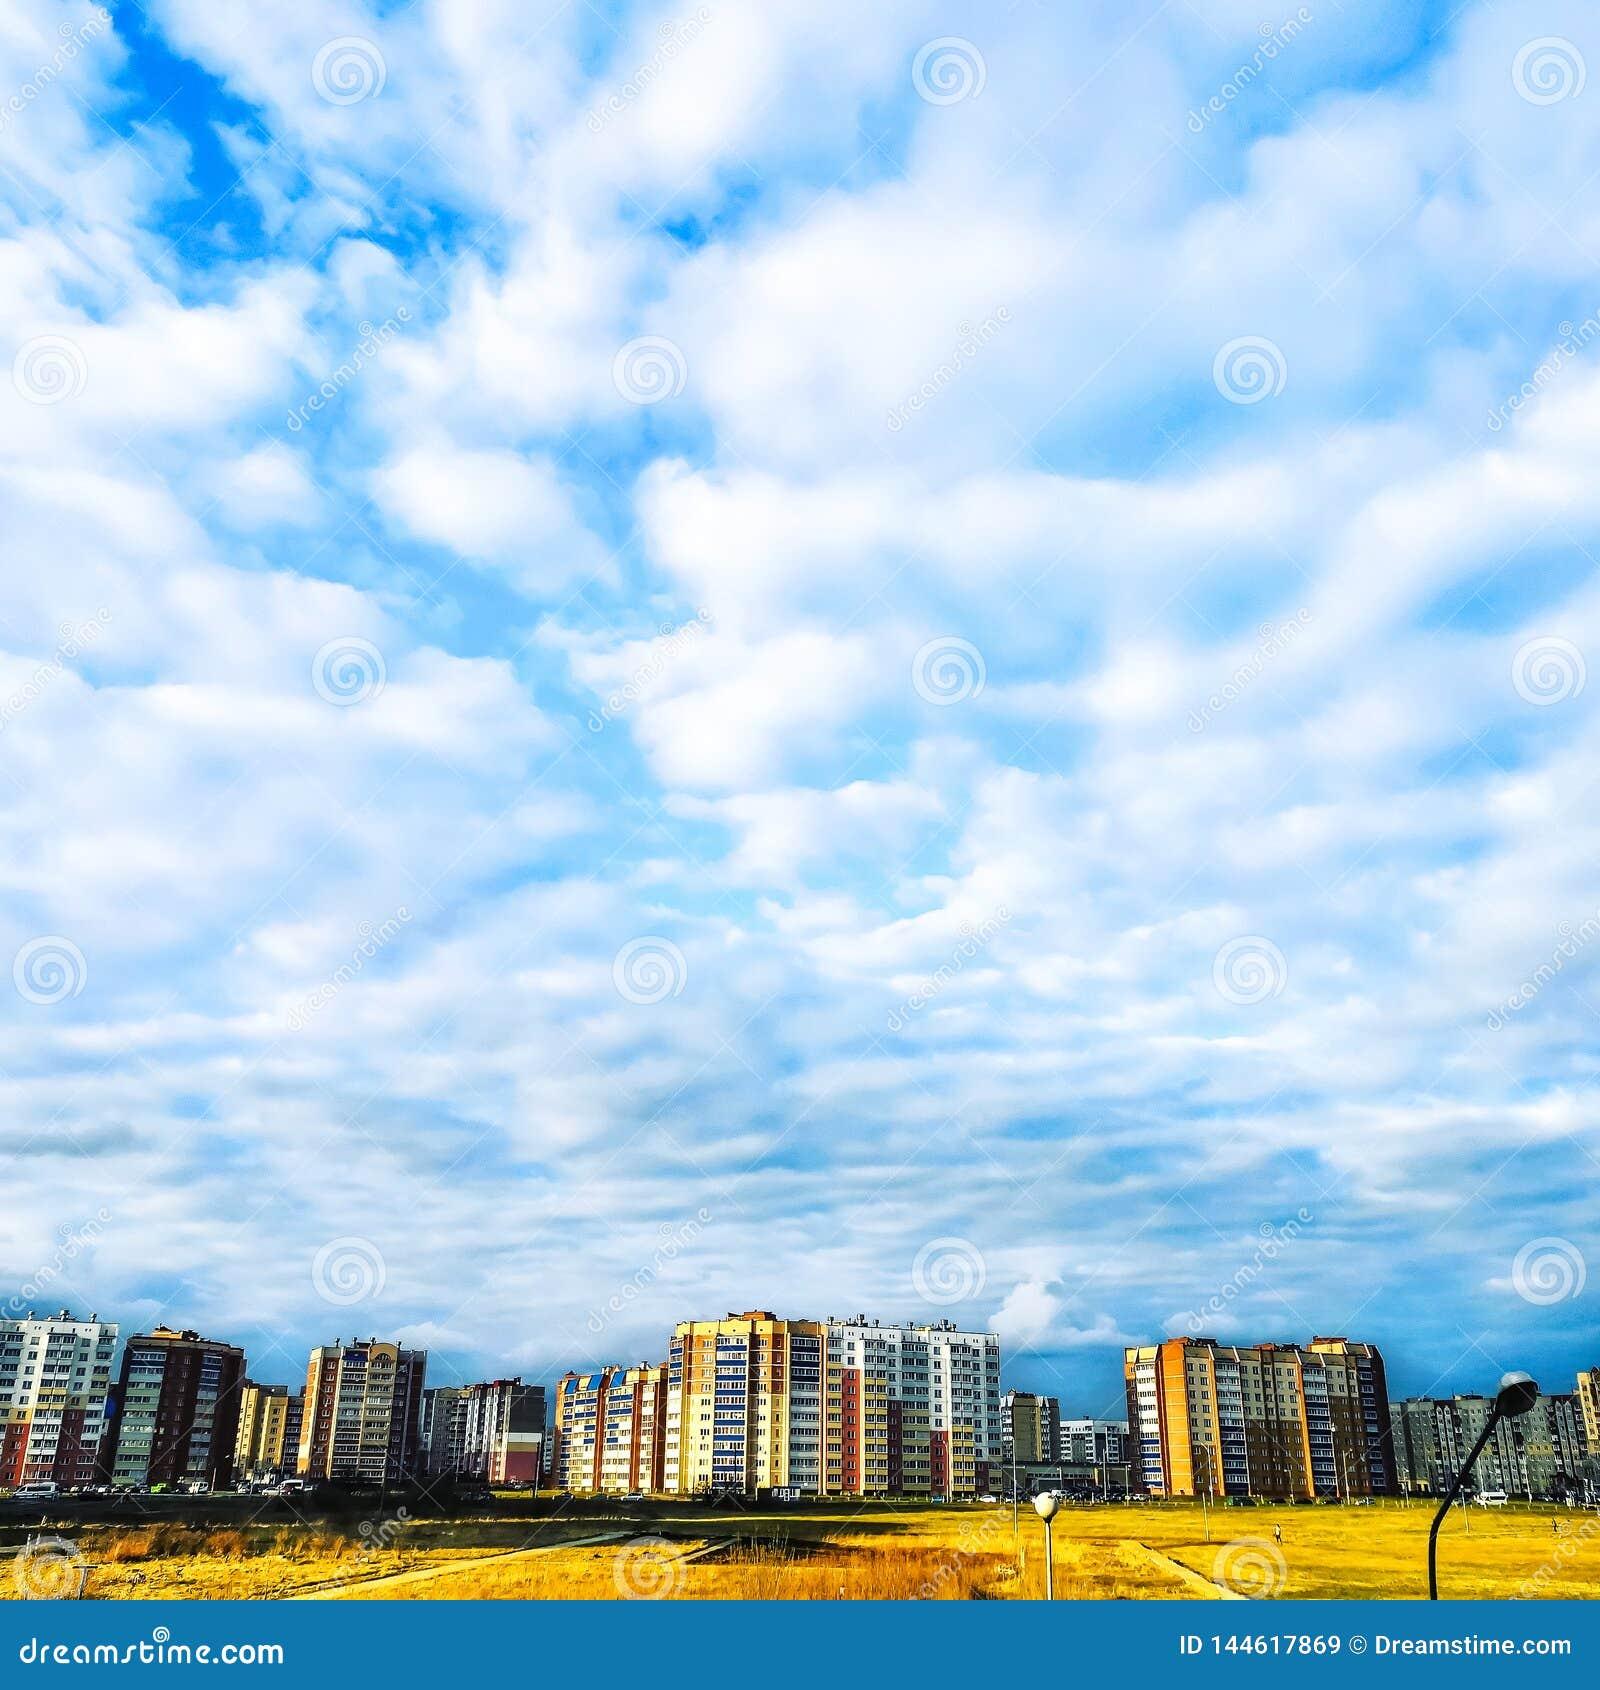 Céu azul com nuvens brancas e construções residenciais no horizonte